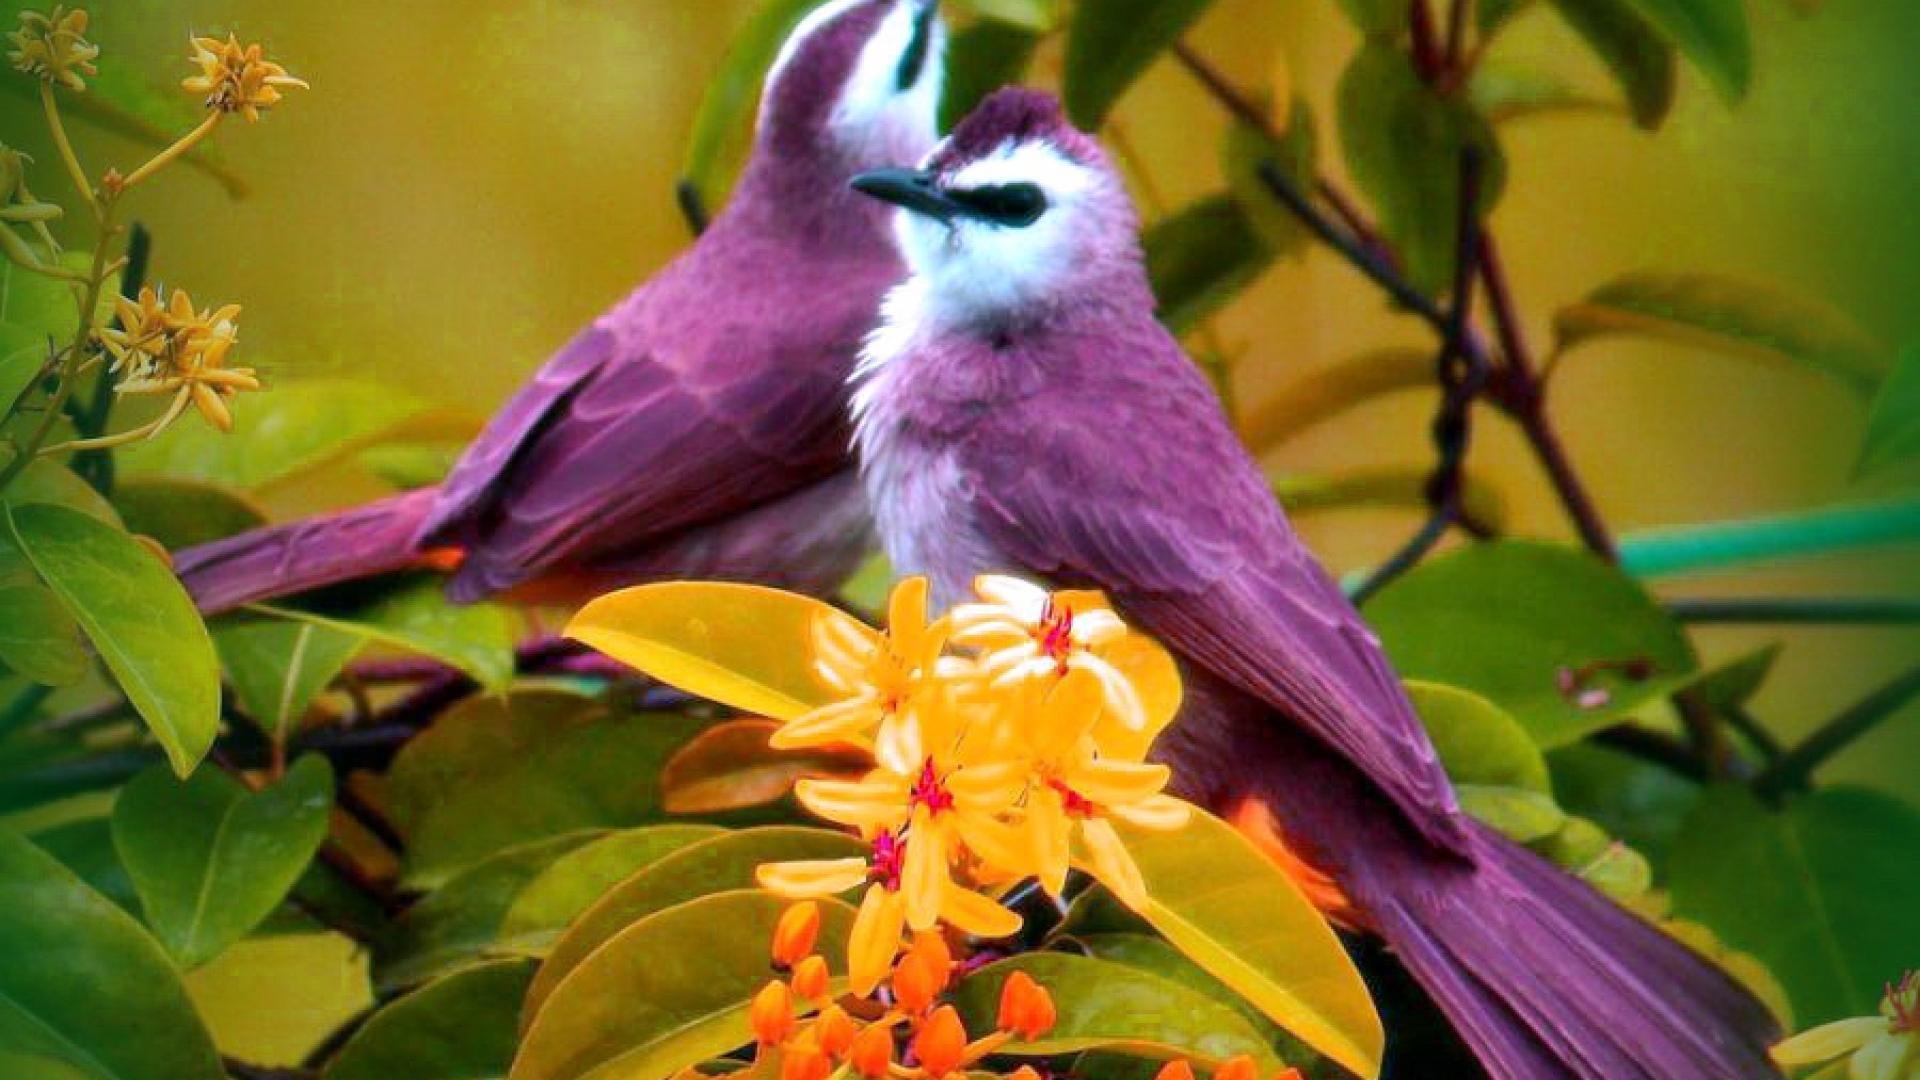 Birds leaves purple yellow flowers wallpaper